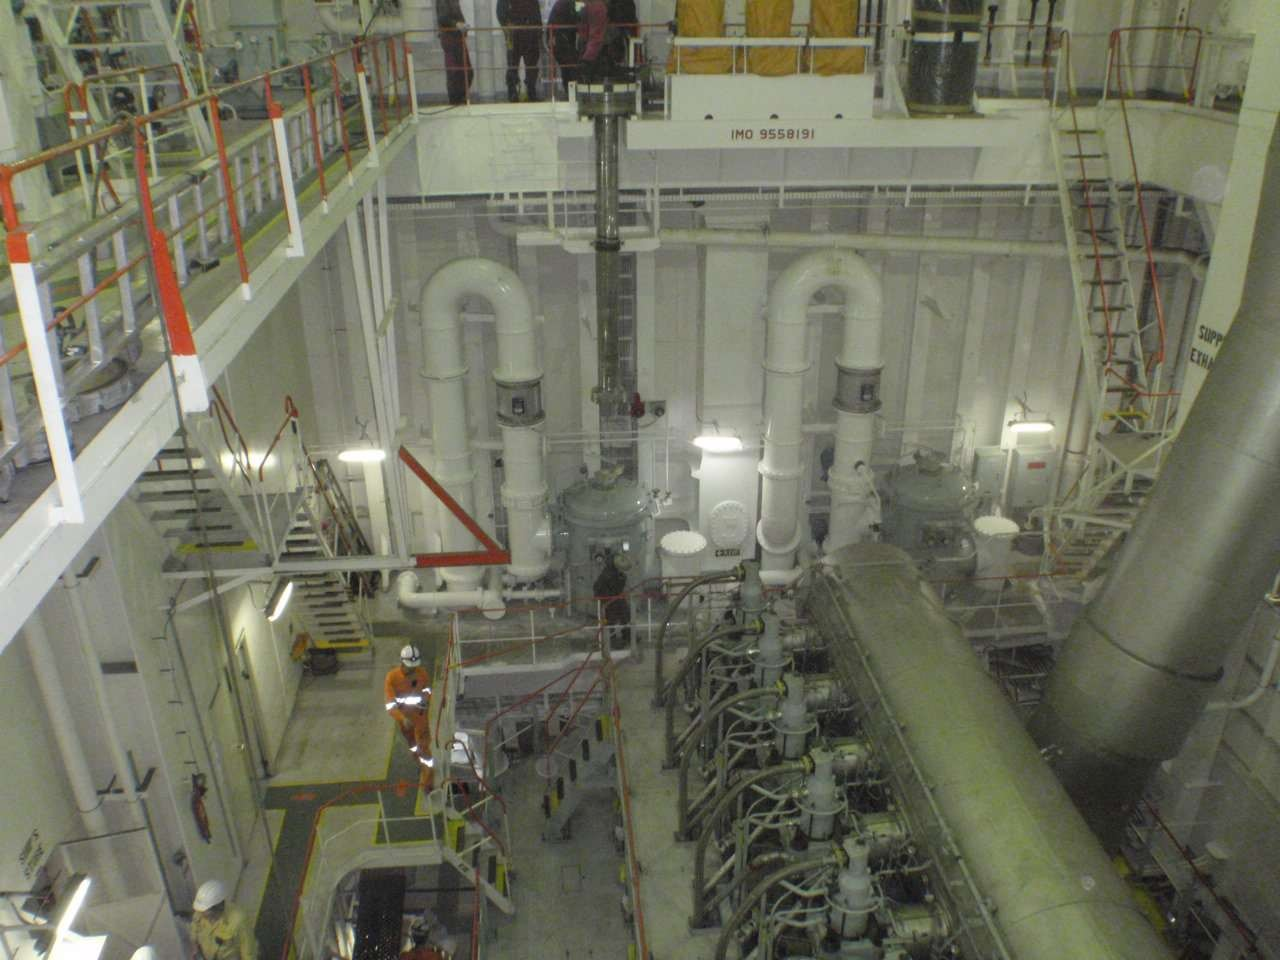 常石造船,首次进行压舱水处理装置安装改造工程 ~在好望角型散装货船上安装压舱水处理装置